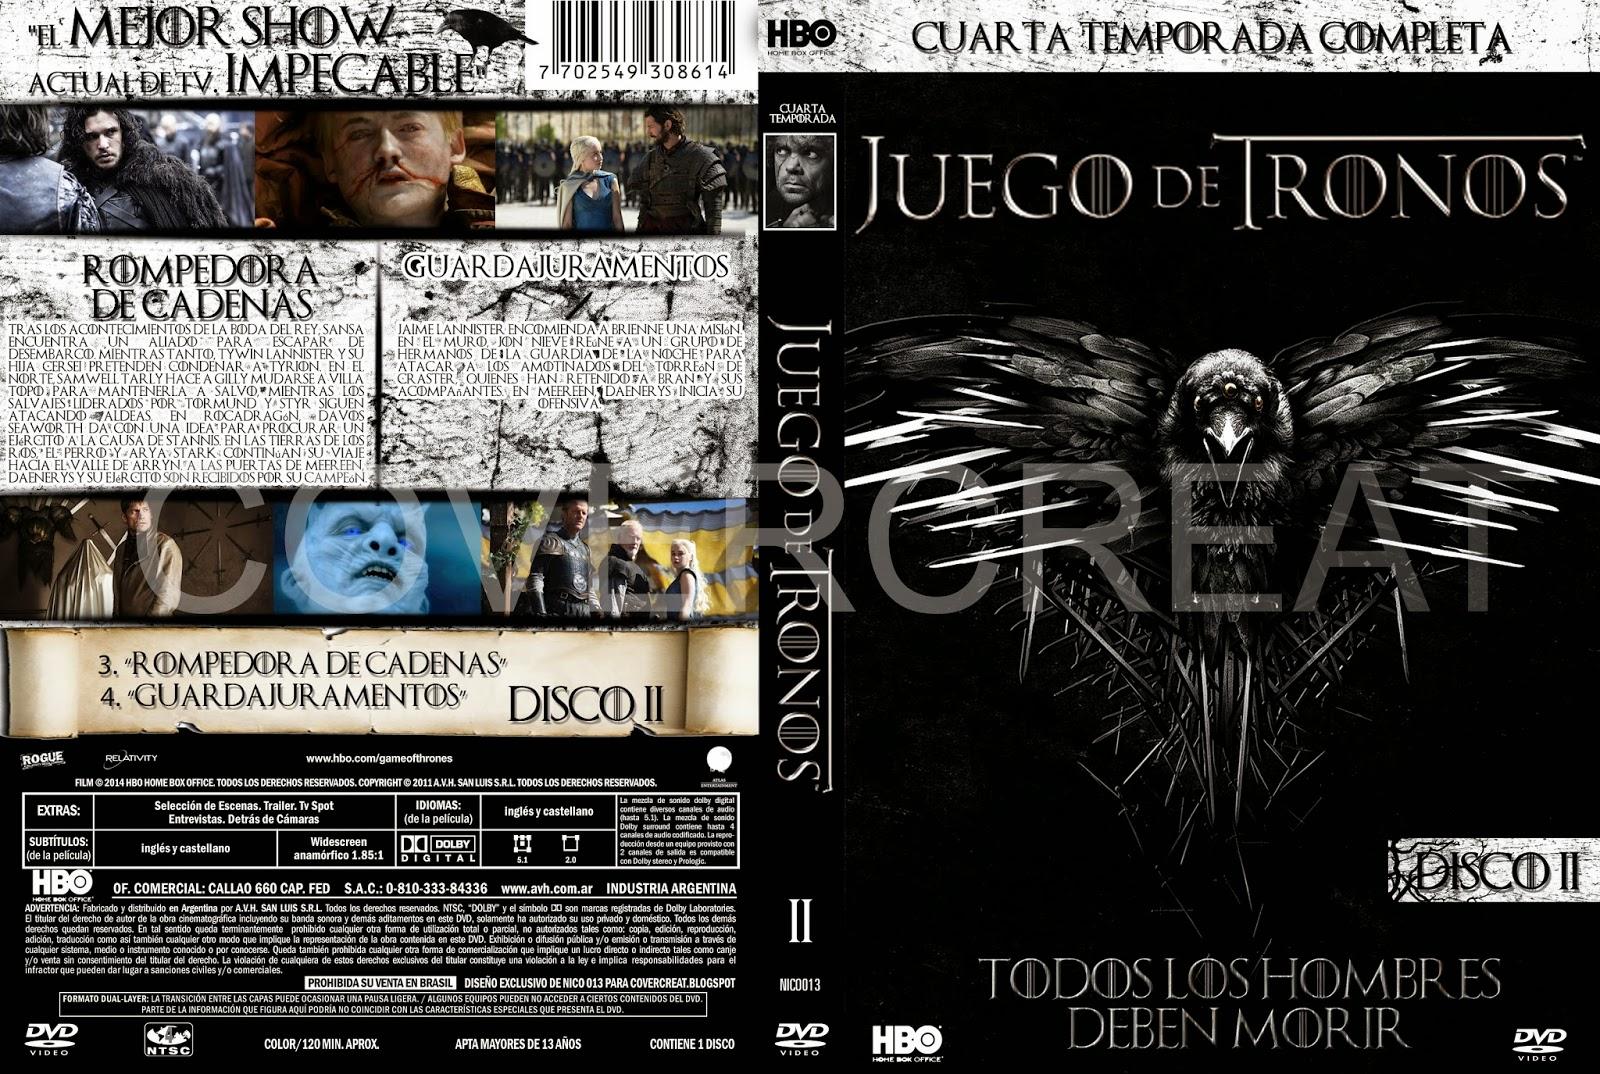 Emejing Ver Cuarta Temporada De Juego De Tronos Pictures - Casa ...